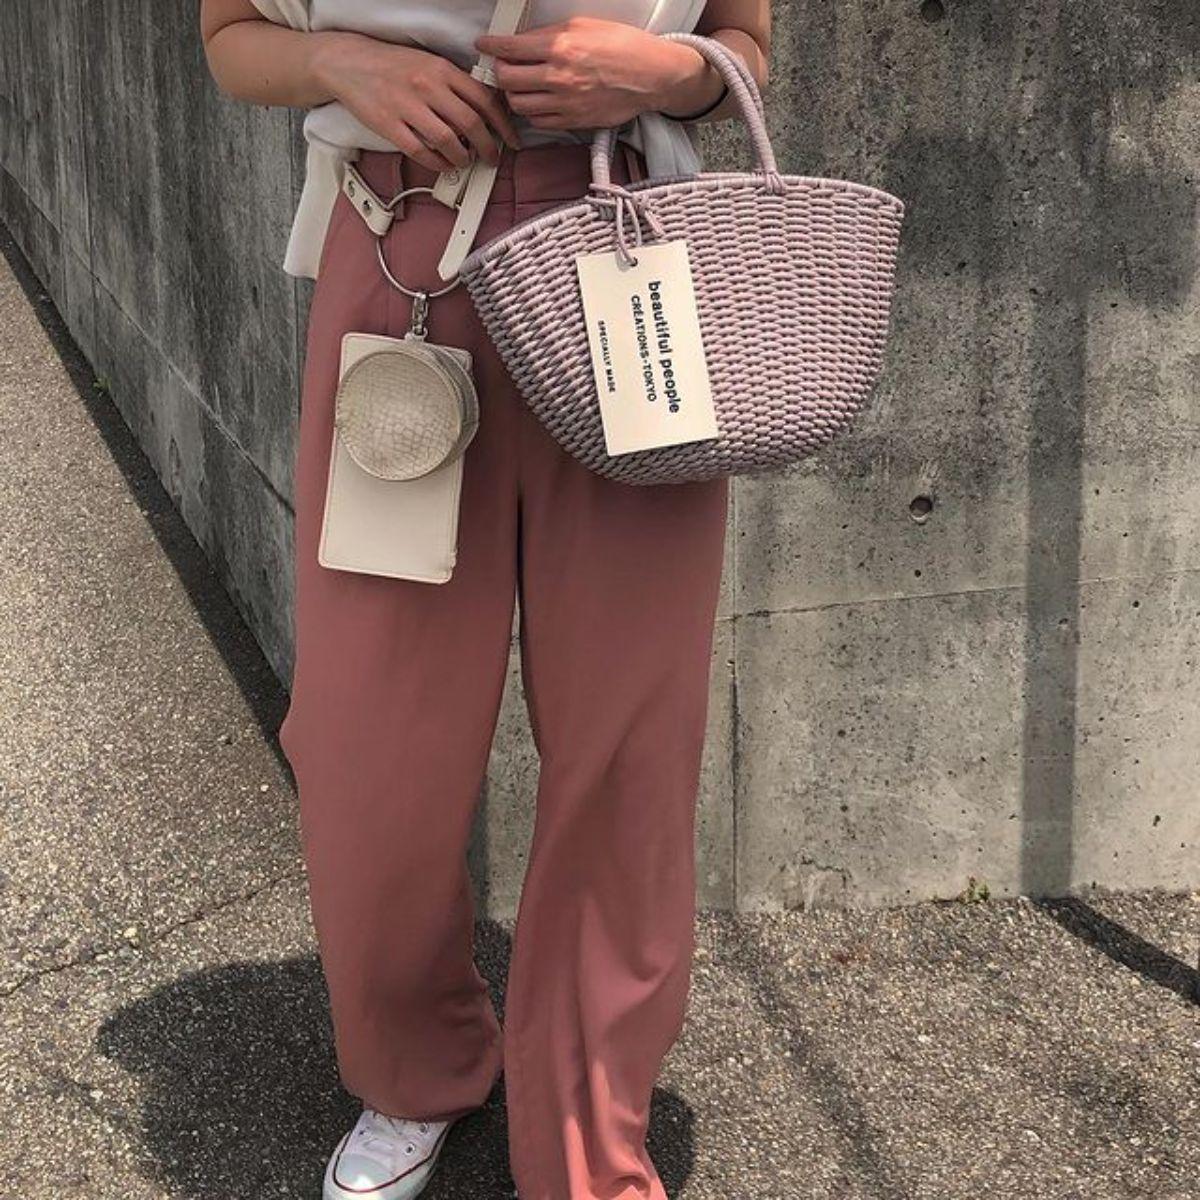 「beautiful people」の夏バッグが心を射抜かれるかわいさ。涼し気なデザインと色味にきゅんとします